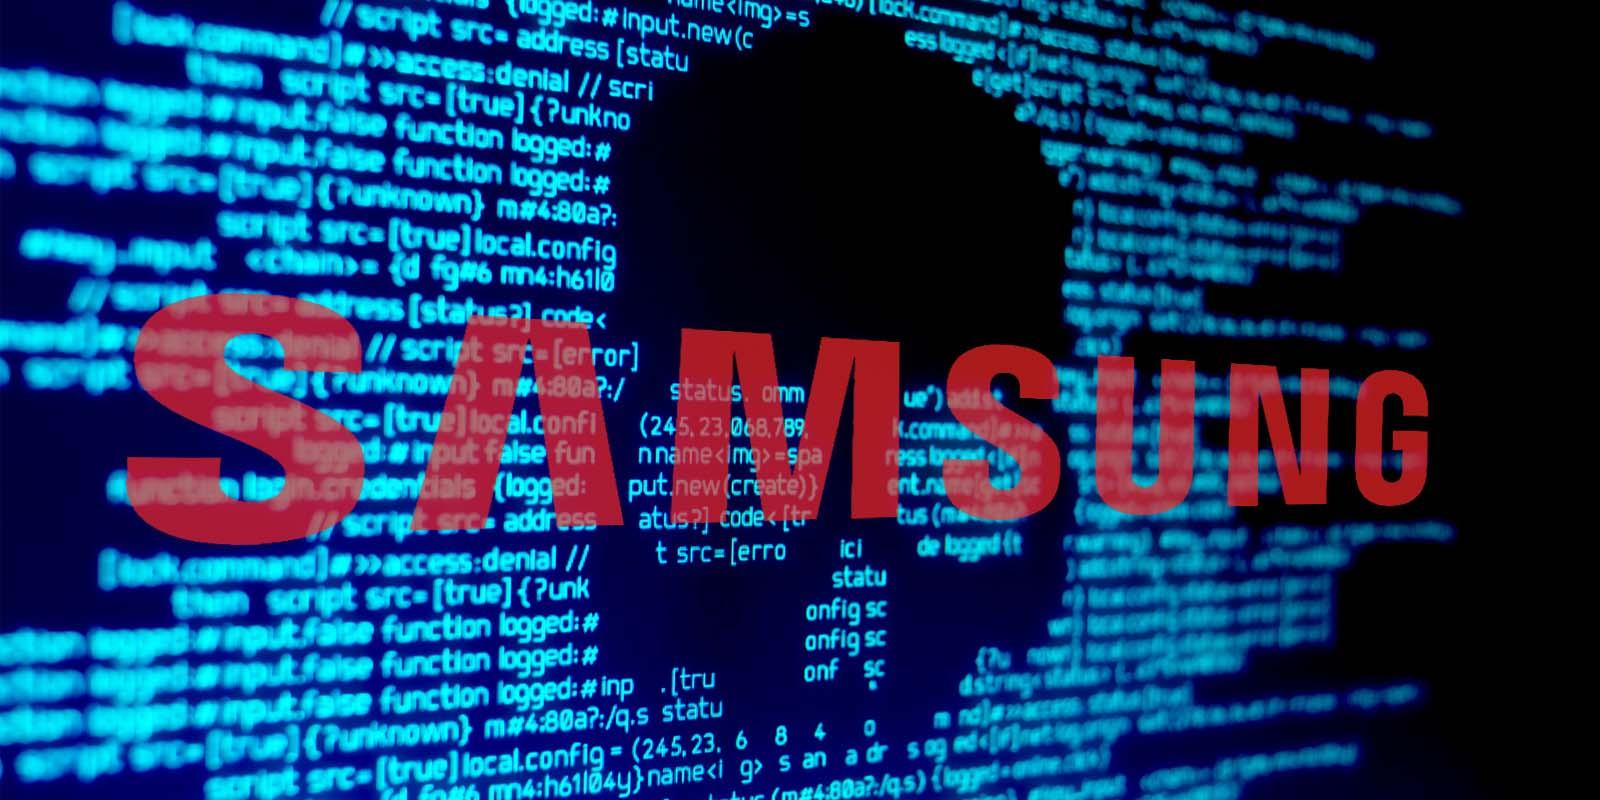 ¡Cuidado! Varias aplicaciones de Samsung tienen problemas graves de seguridad